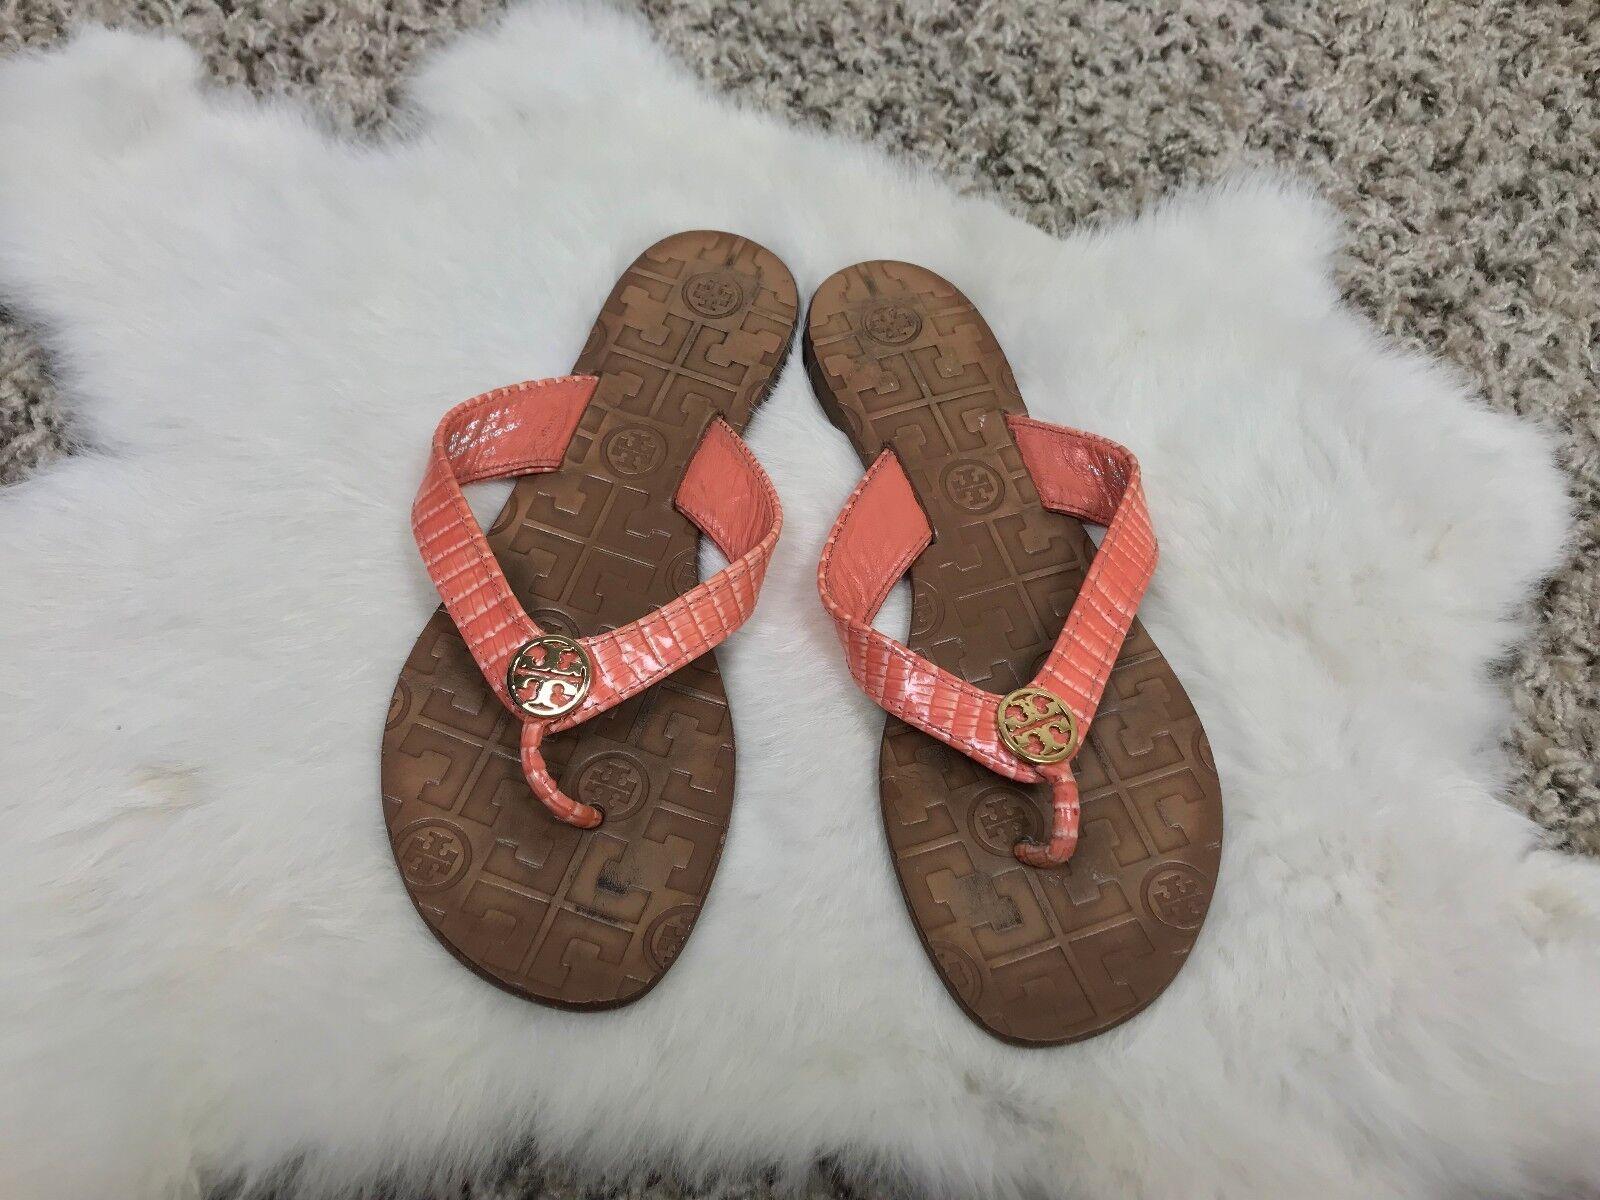 Tory Burch Femme Sandales chaussures Plat Peau de Serpent Orange Cuir Marron Sz